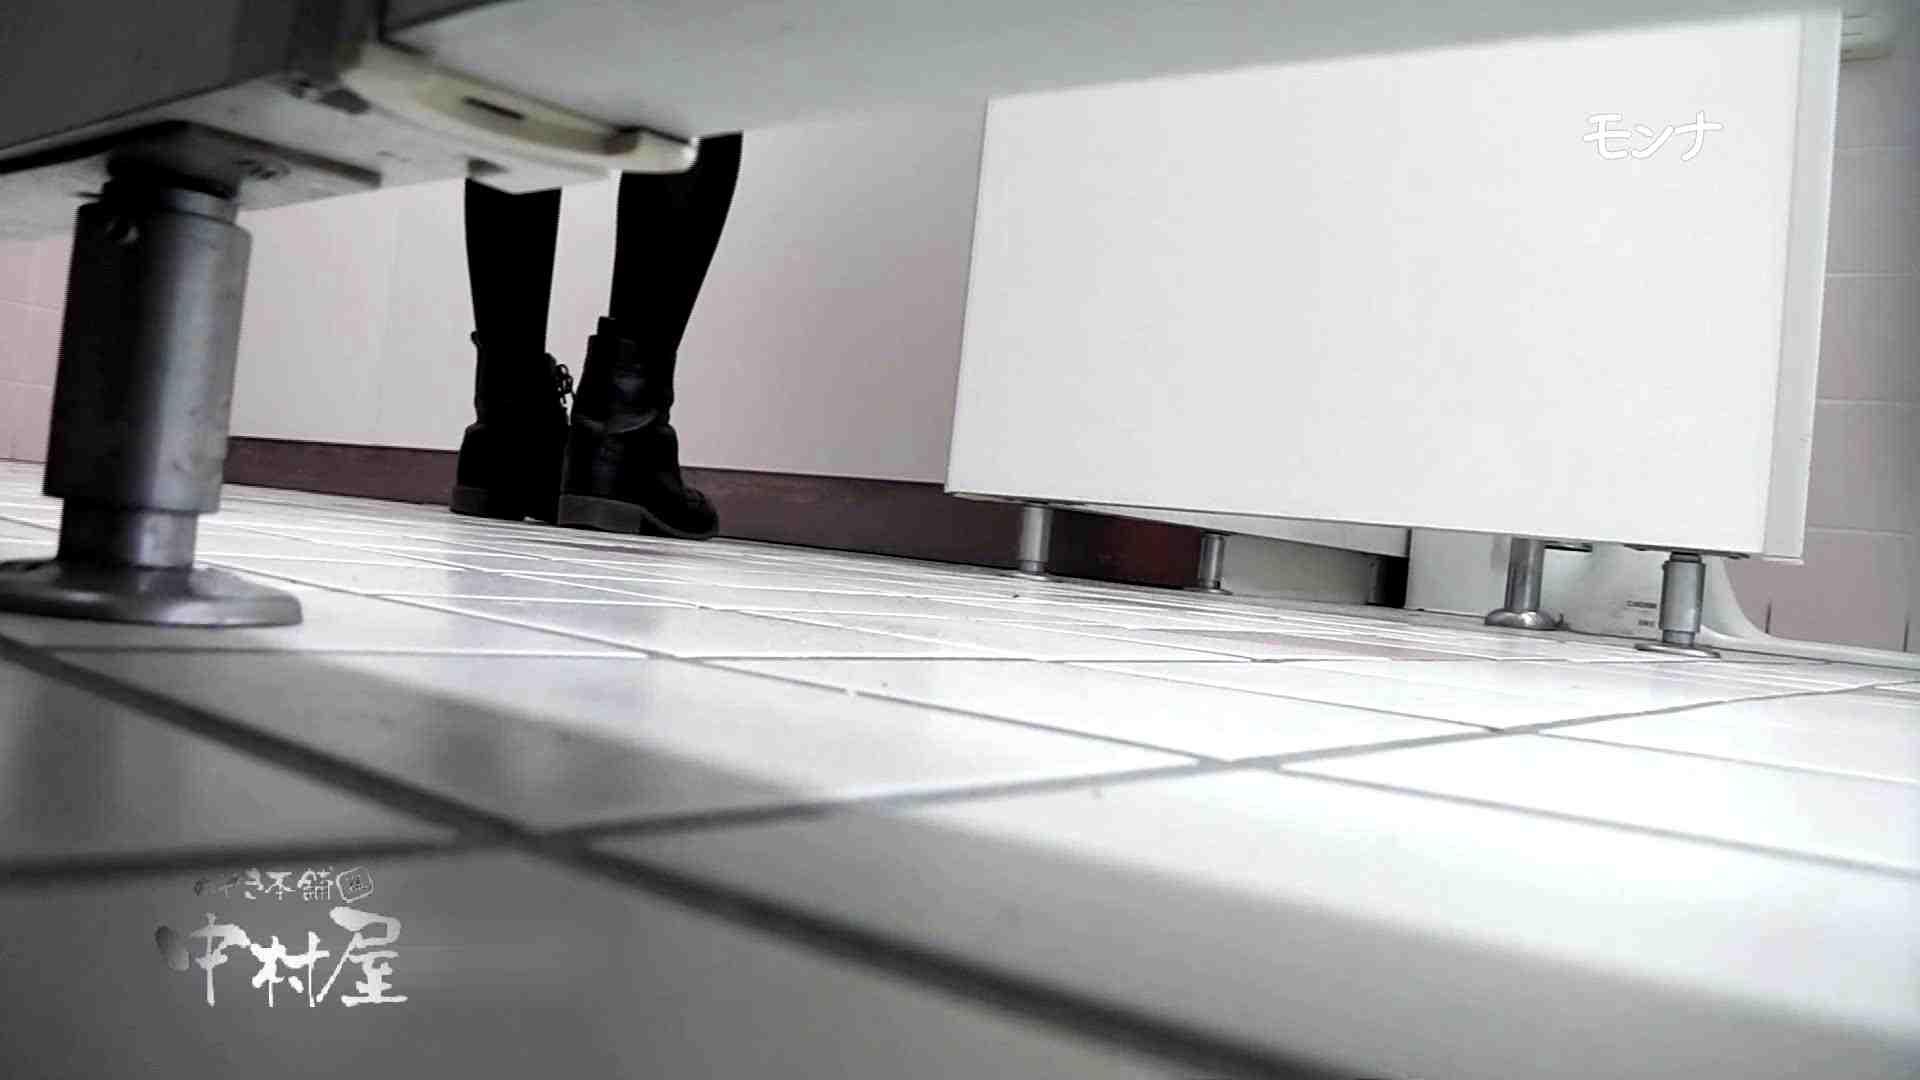 【美しい日本の未来】新学期!!下半身中心に攻めてます美女可愛い女子悪戯盗satuトイレ後編 0 | 0  40連発 21